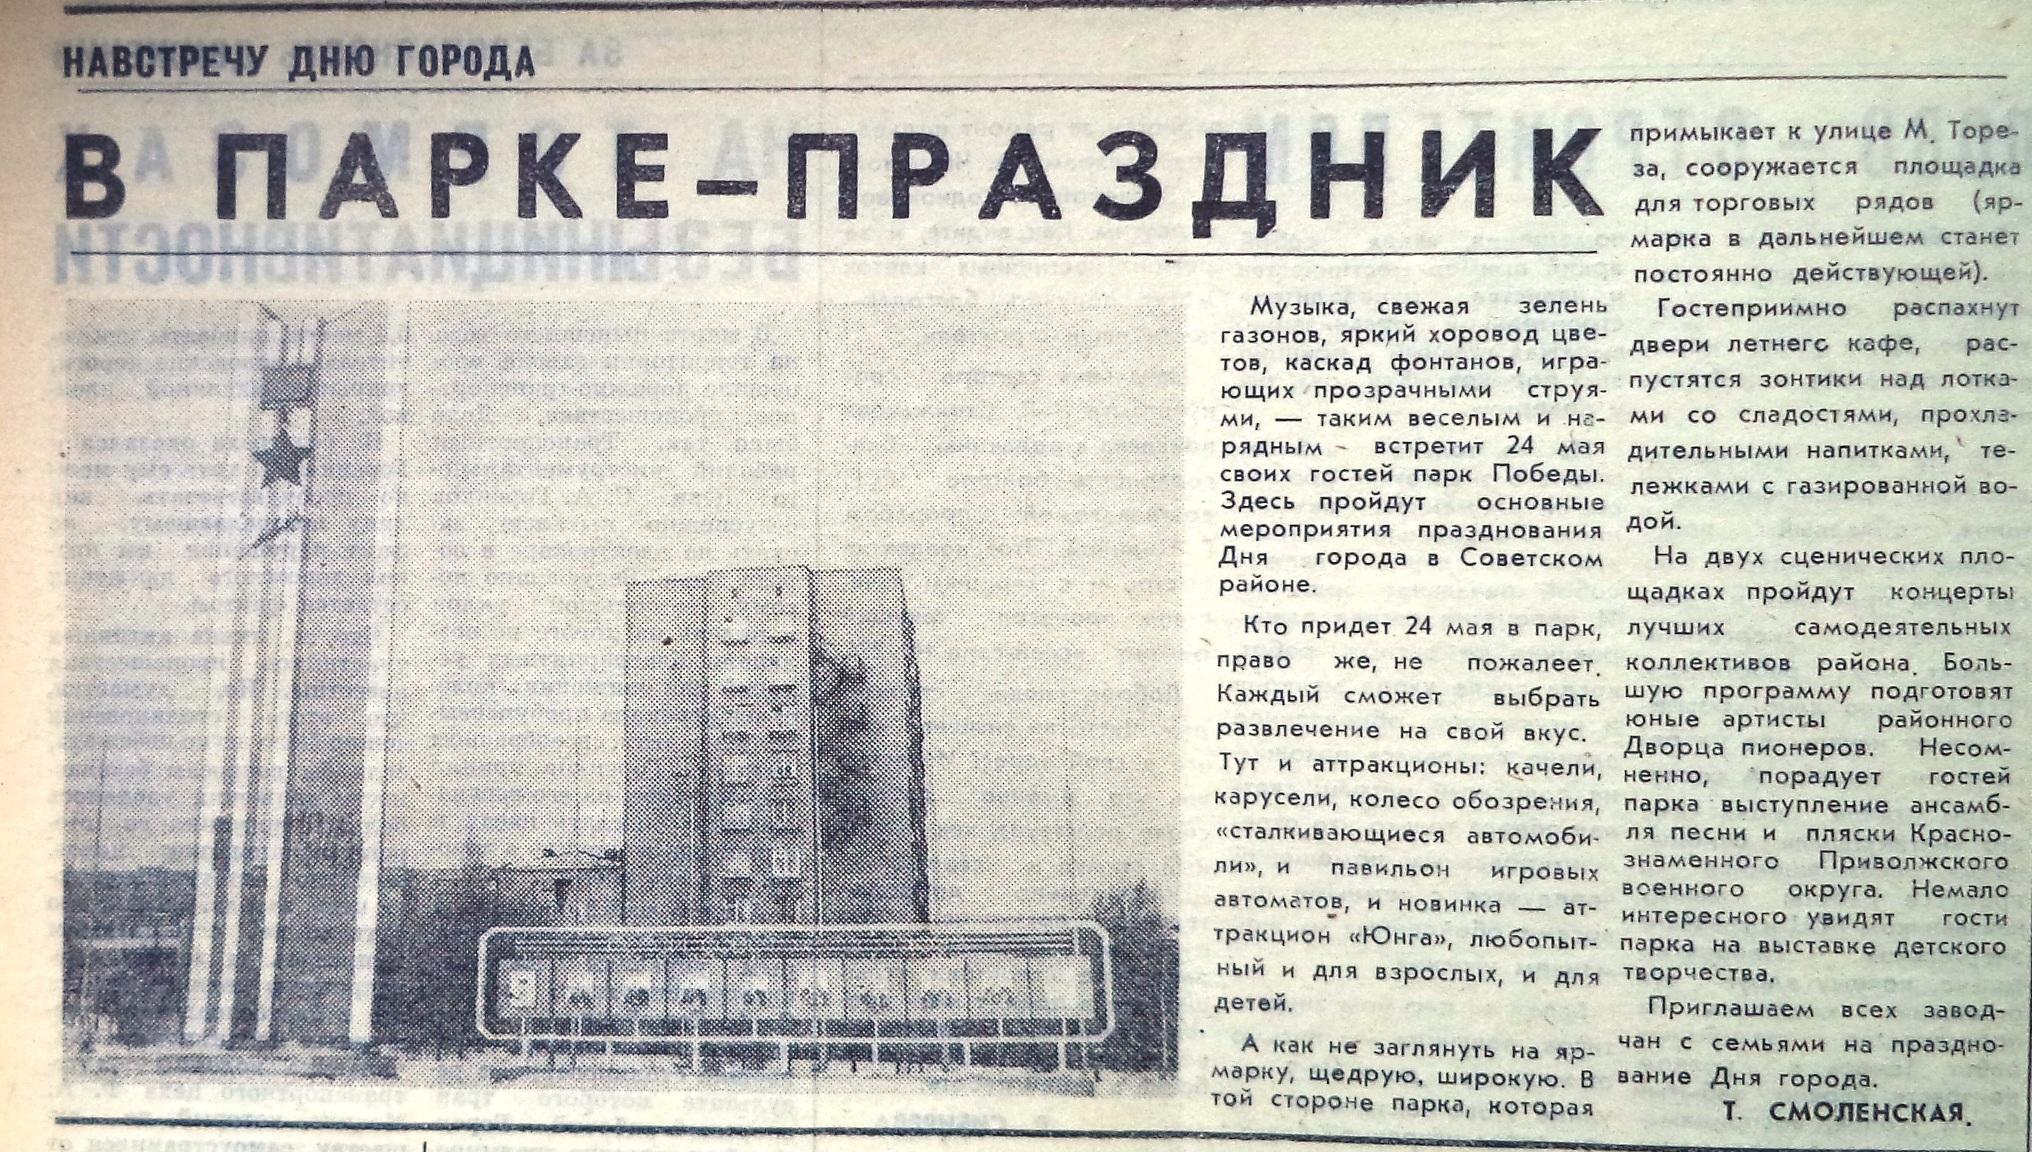 Мориса Тореза-ФОТО-61-Ленинское Знамя-1987-22 мая